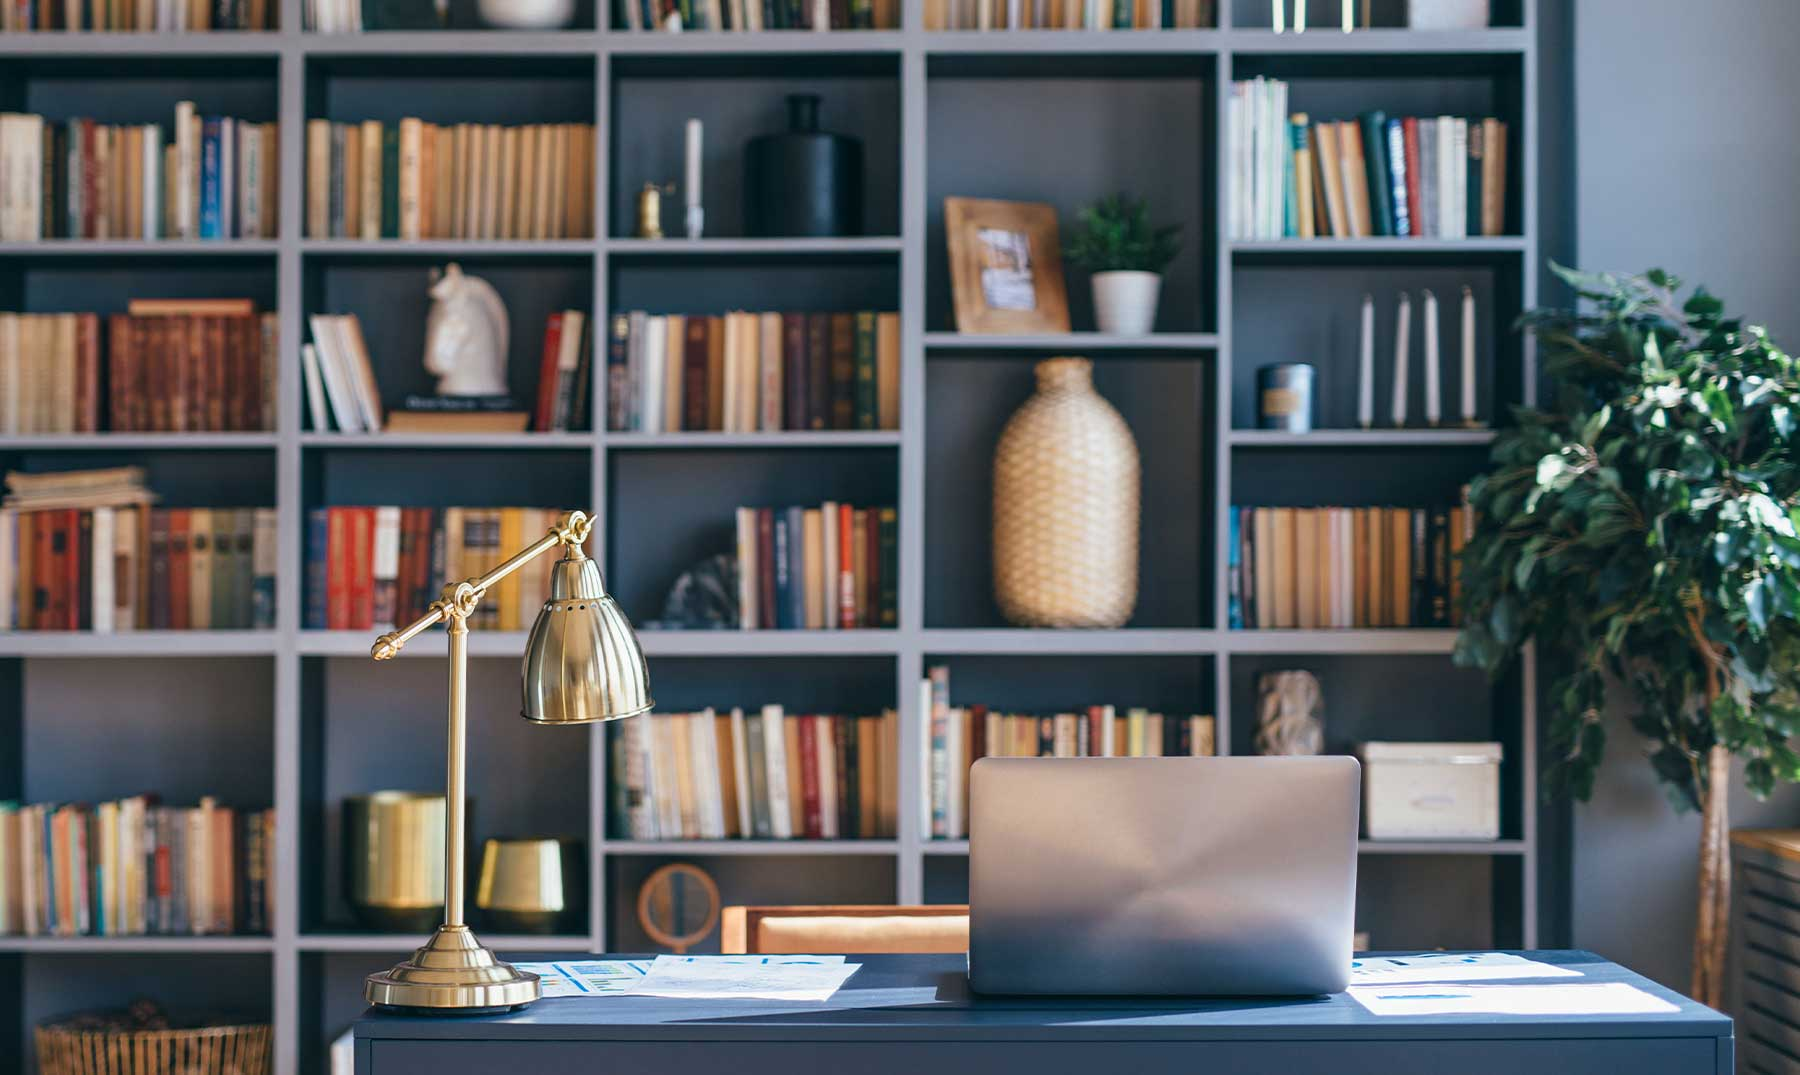 lugar de estudio en casa